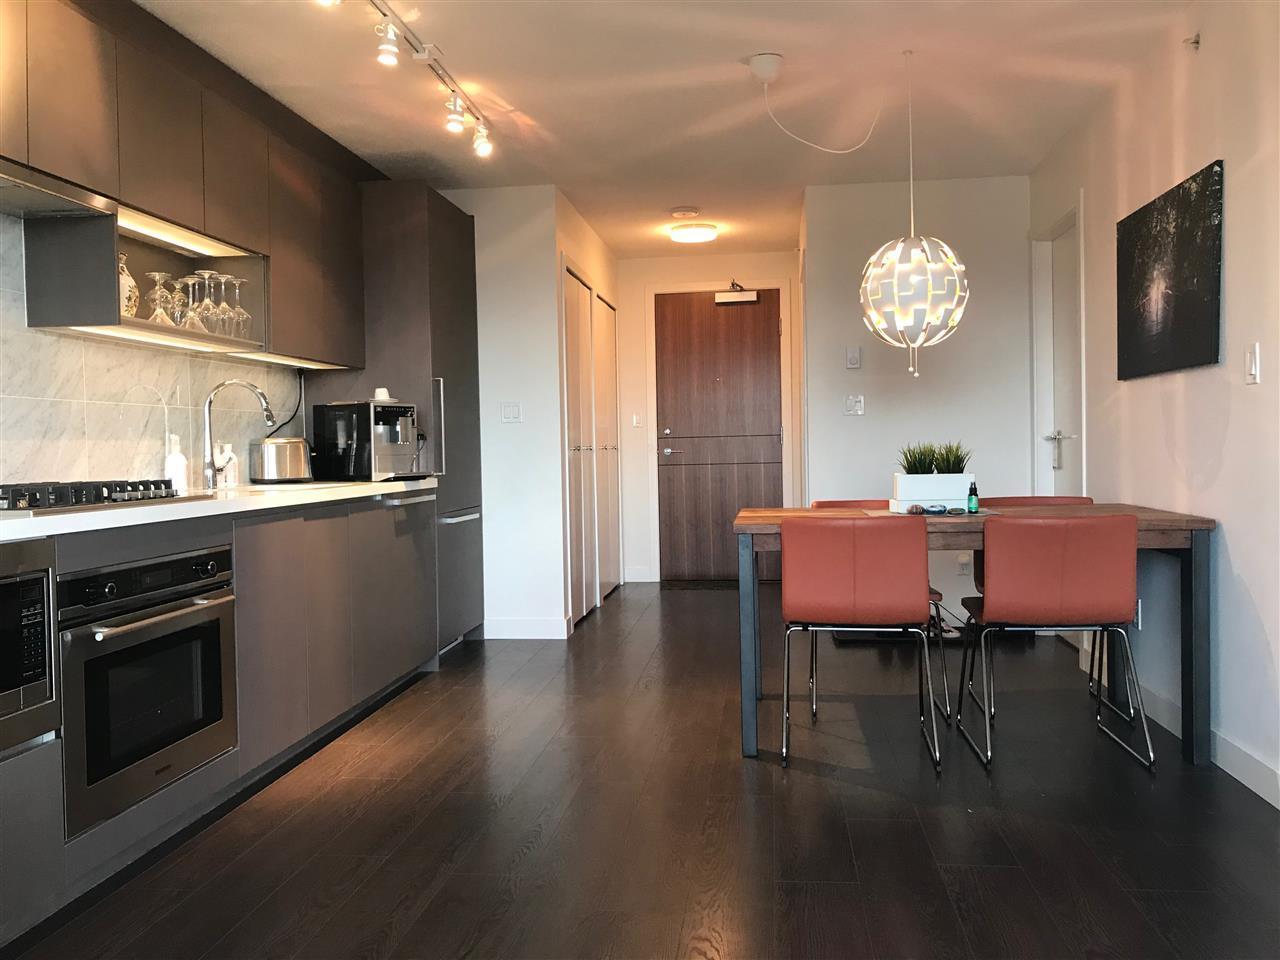 13750-100-avenue-whalley-north-surrey-04 at 2509 - 13750 100 Avenue, Whalley, North Surrey